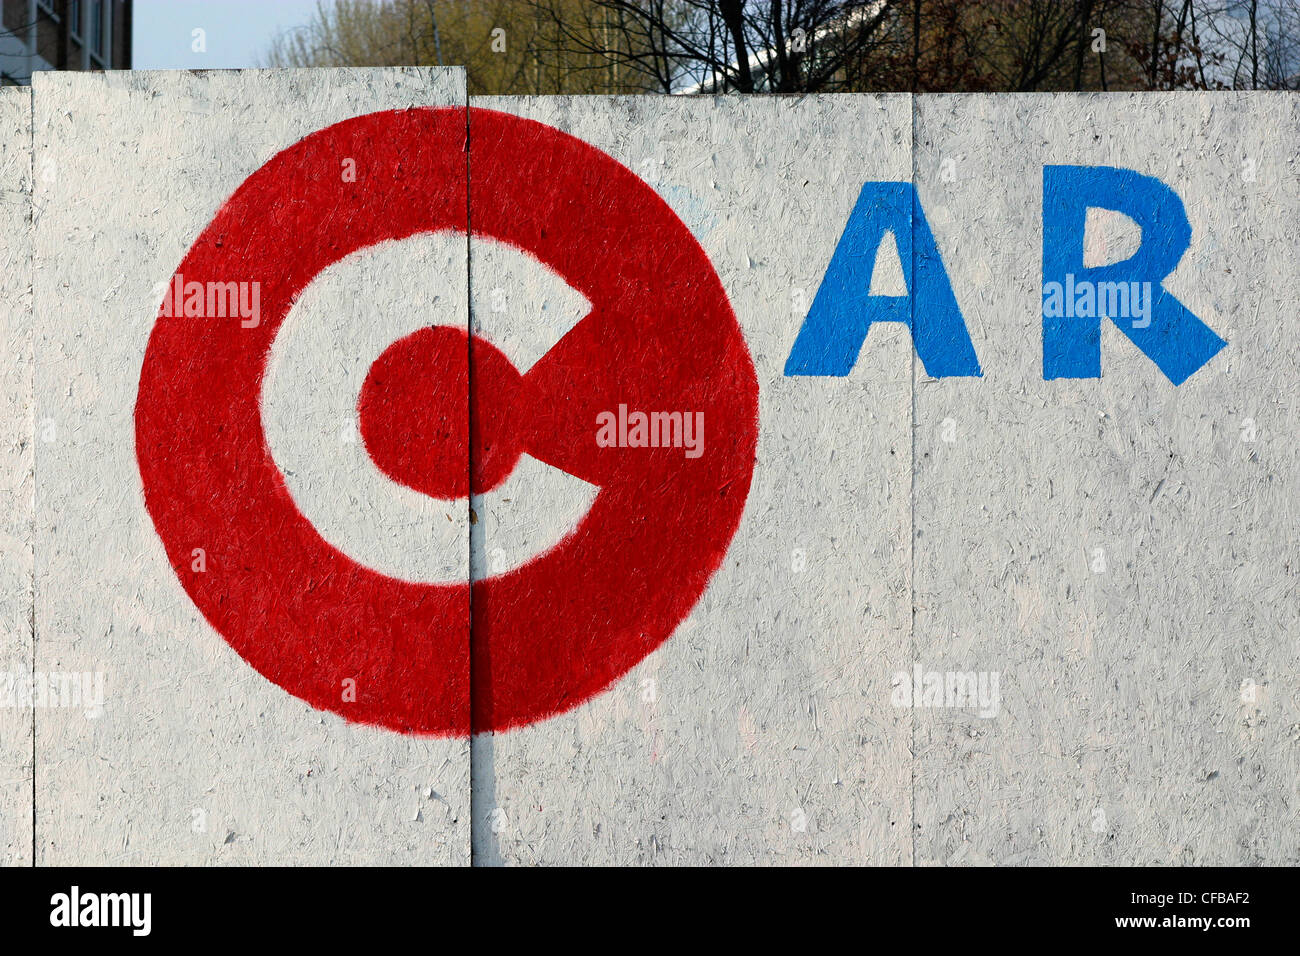 Car park sign based on congestion charge logo, London, UK. - Stock Image